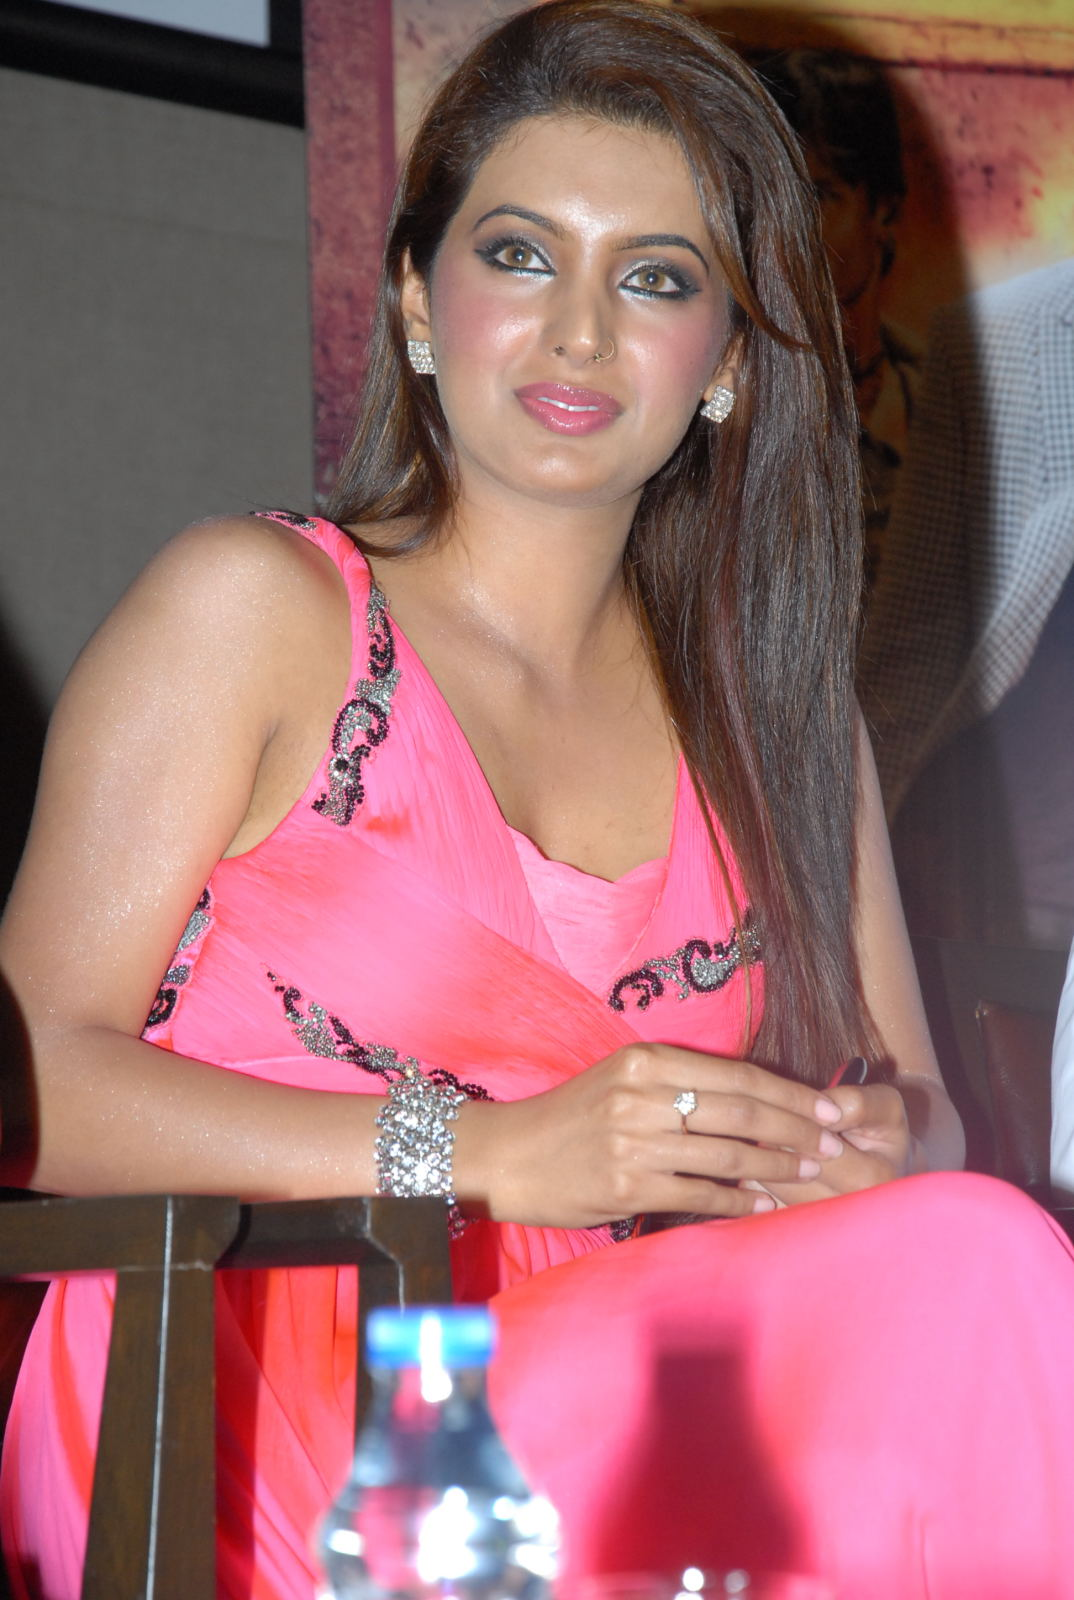 Geeta basra hot in pink